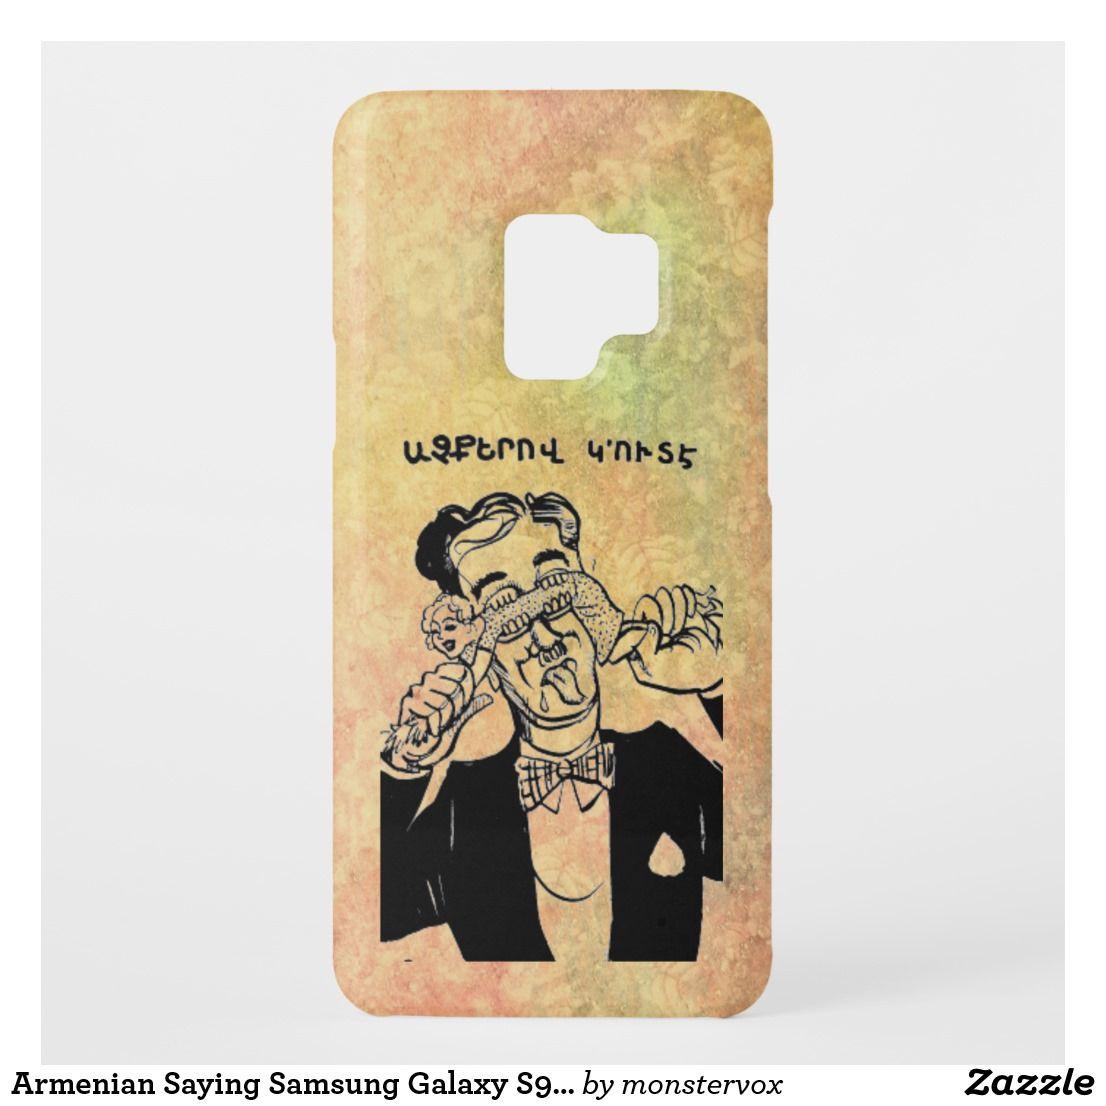 Armenian Saying Samsung Galaxy S9 Case | Zazzle com | My Zazzle